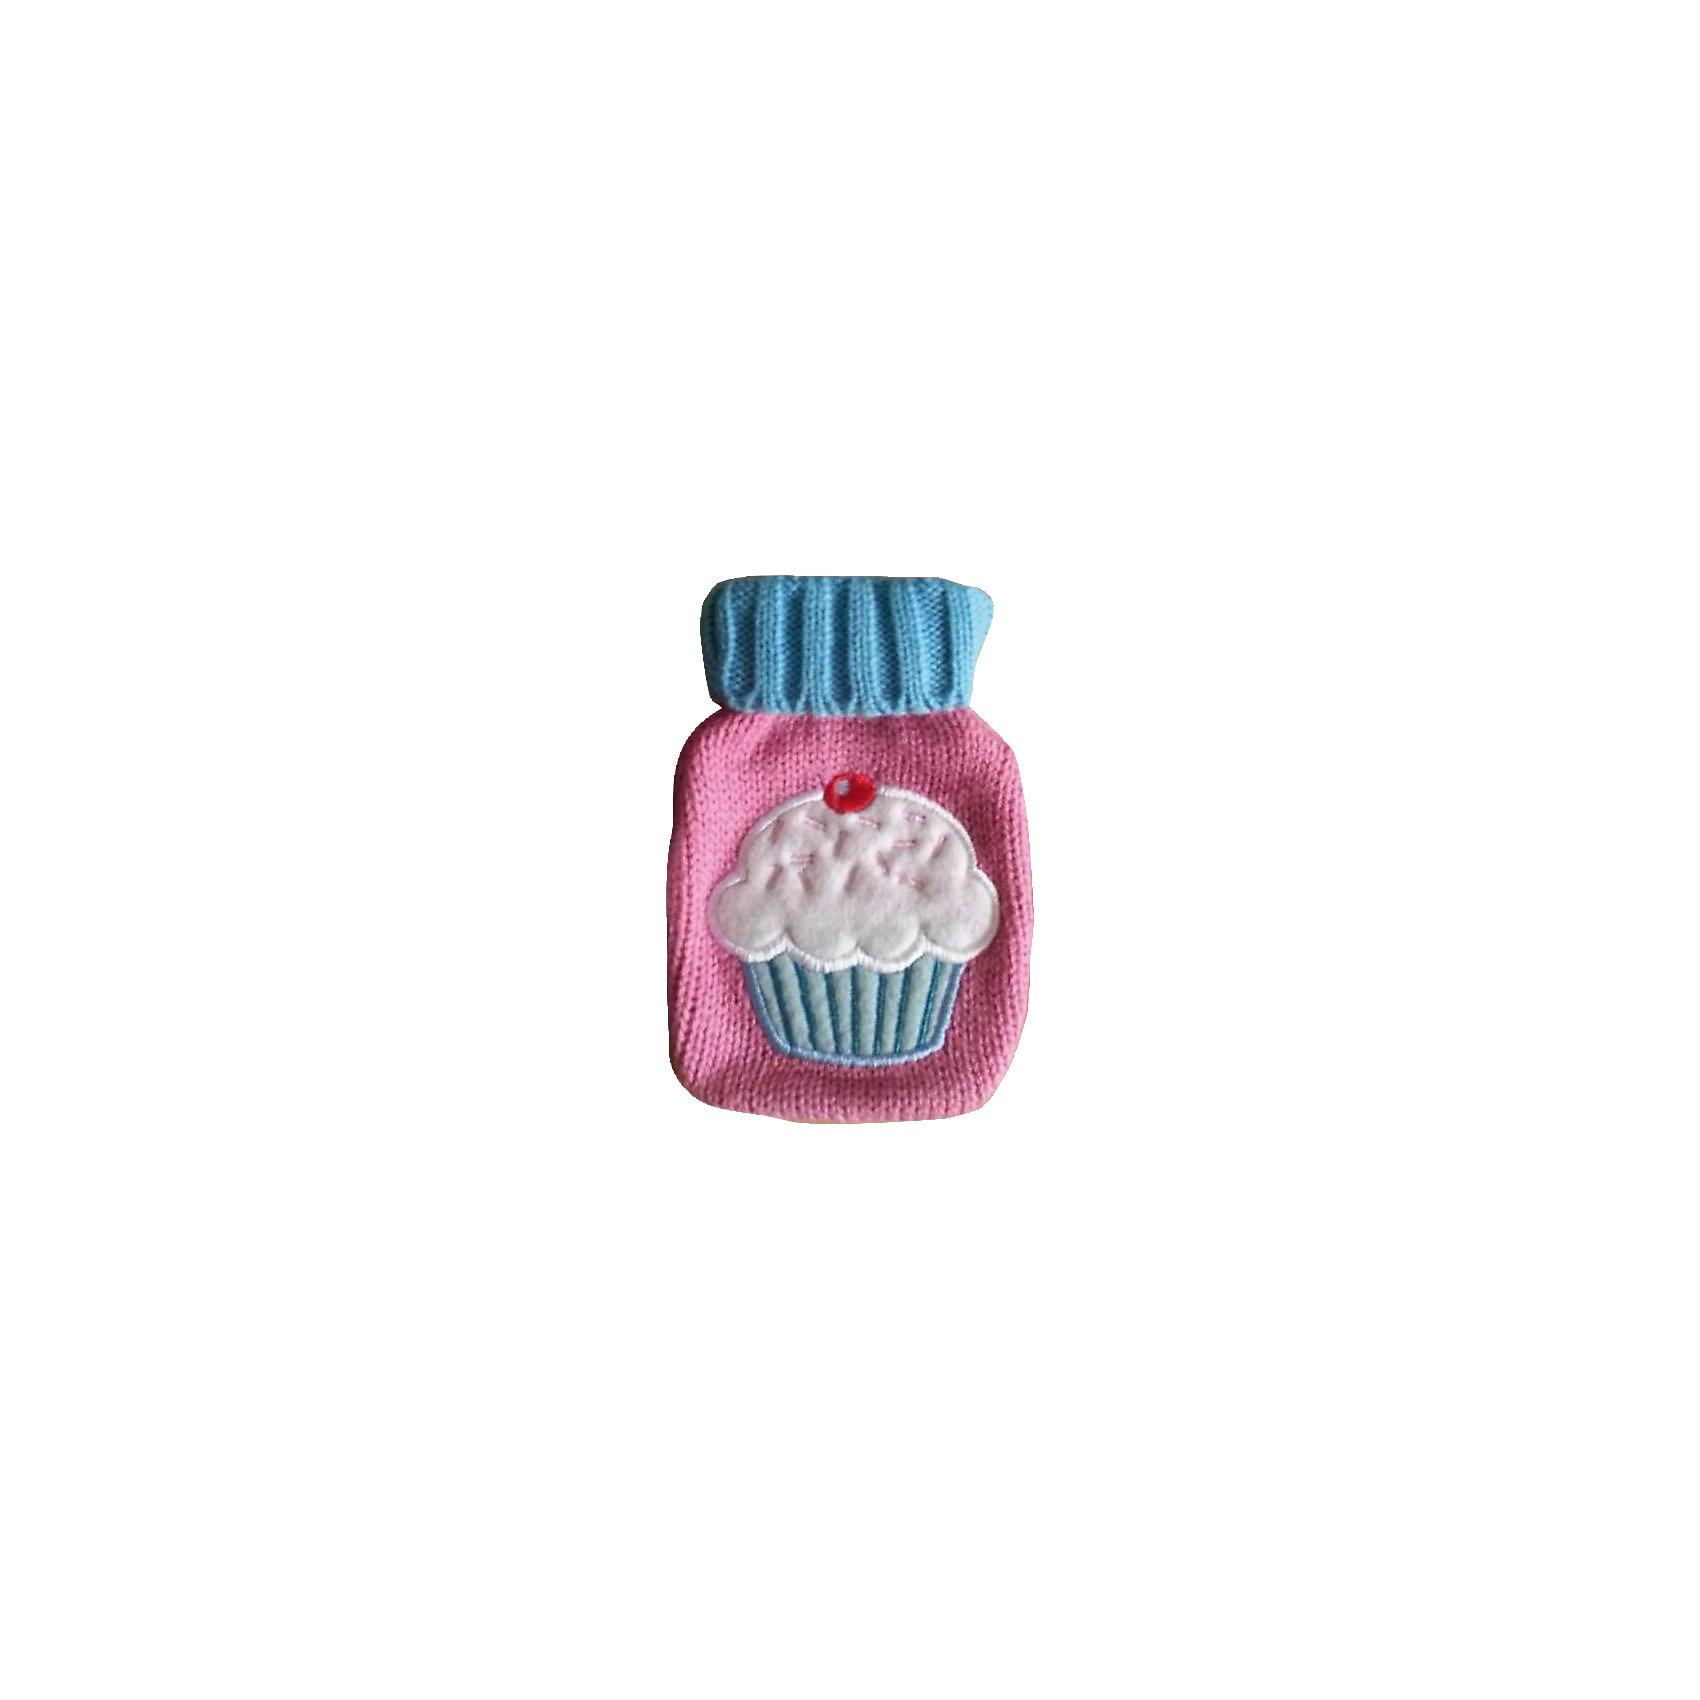 Гелевая грелка для рук Пирожное 7*12 см, Magic HomeГрелка представляет собой прочный герметичный пластиковый пакет, наполненный нетоксичным веществом. В растворе находится кнопка – активатор, представляющая собой металлическую мембрану в пластиковом корпусе. При  нажатии на нее происходит безопасная химическая реакция: образуется центр кристаллизации, вызывая фазовый переход раствора из жидкого состояния в твердое с выделением тепла и разогревом до + 54?С. Чтобы вернуть грелку в обычное состояние, нужно обернуть ее полотенцем и прокипятить до полного исчезновения кристаллов (10-20 мин.). Грелка станет прекрасным подарком на любой праздник. <br><br>Дополнительная информация:<br><br>- Материал: ацетат натрия, металл. <br>- Размер: 7х12 см.<br>- Выделение тепла: до температуры +54°C<br>- Возвращается в исходное состояние за 10-20 мин (кипячение). <br><br>Гелевую грелку для рук Пирожное, 7*12 см, можно купить в нашем магазине.<br><br>Ширина мм: 140<br>Глубина мм: 50<br>Высота мм: 100<br>Вес г: 100<br>Возраст от месяцев: 216<br>Возраст до месяцев: 1200<br>Пол: Женский<br>Возраст: Детский<br>SKU: 4290297